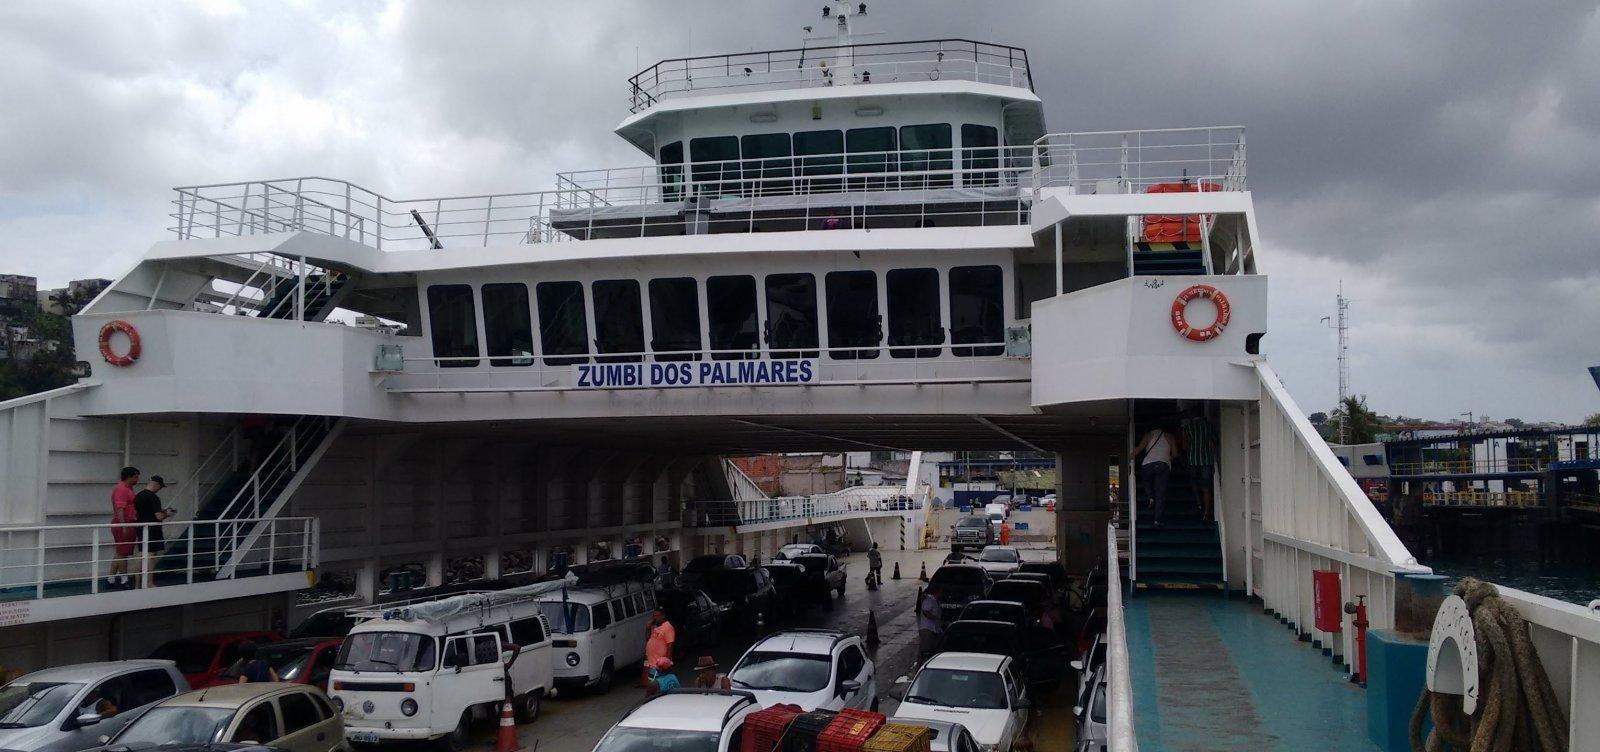 Volta do feriado: ferry opera com sete embarcações;espera para carro é de 1h30